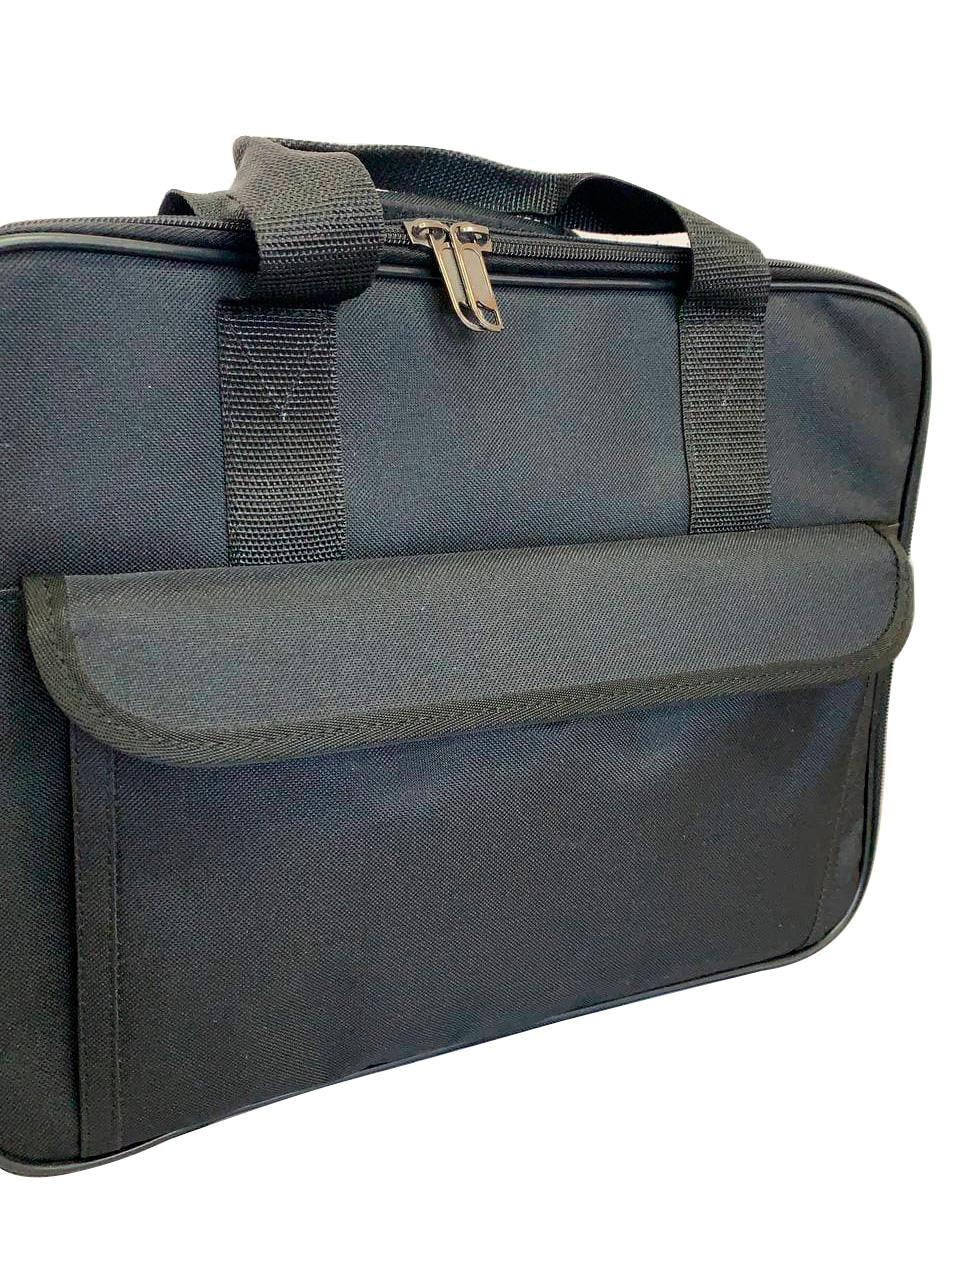 black-bag-4